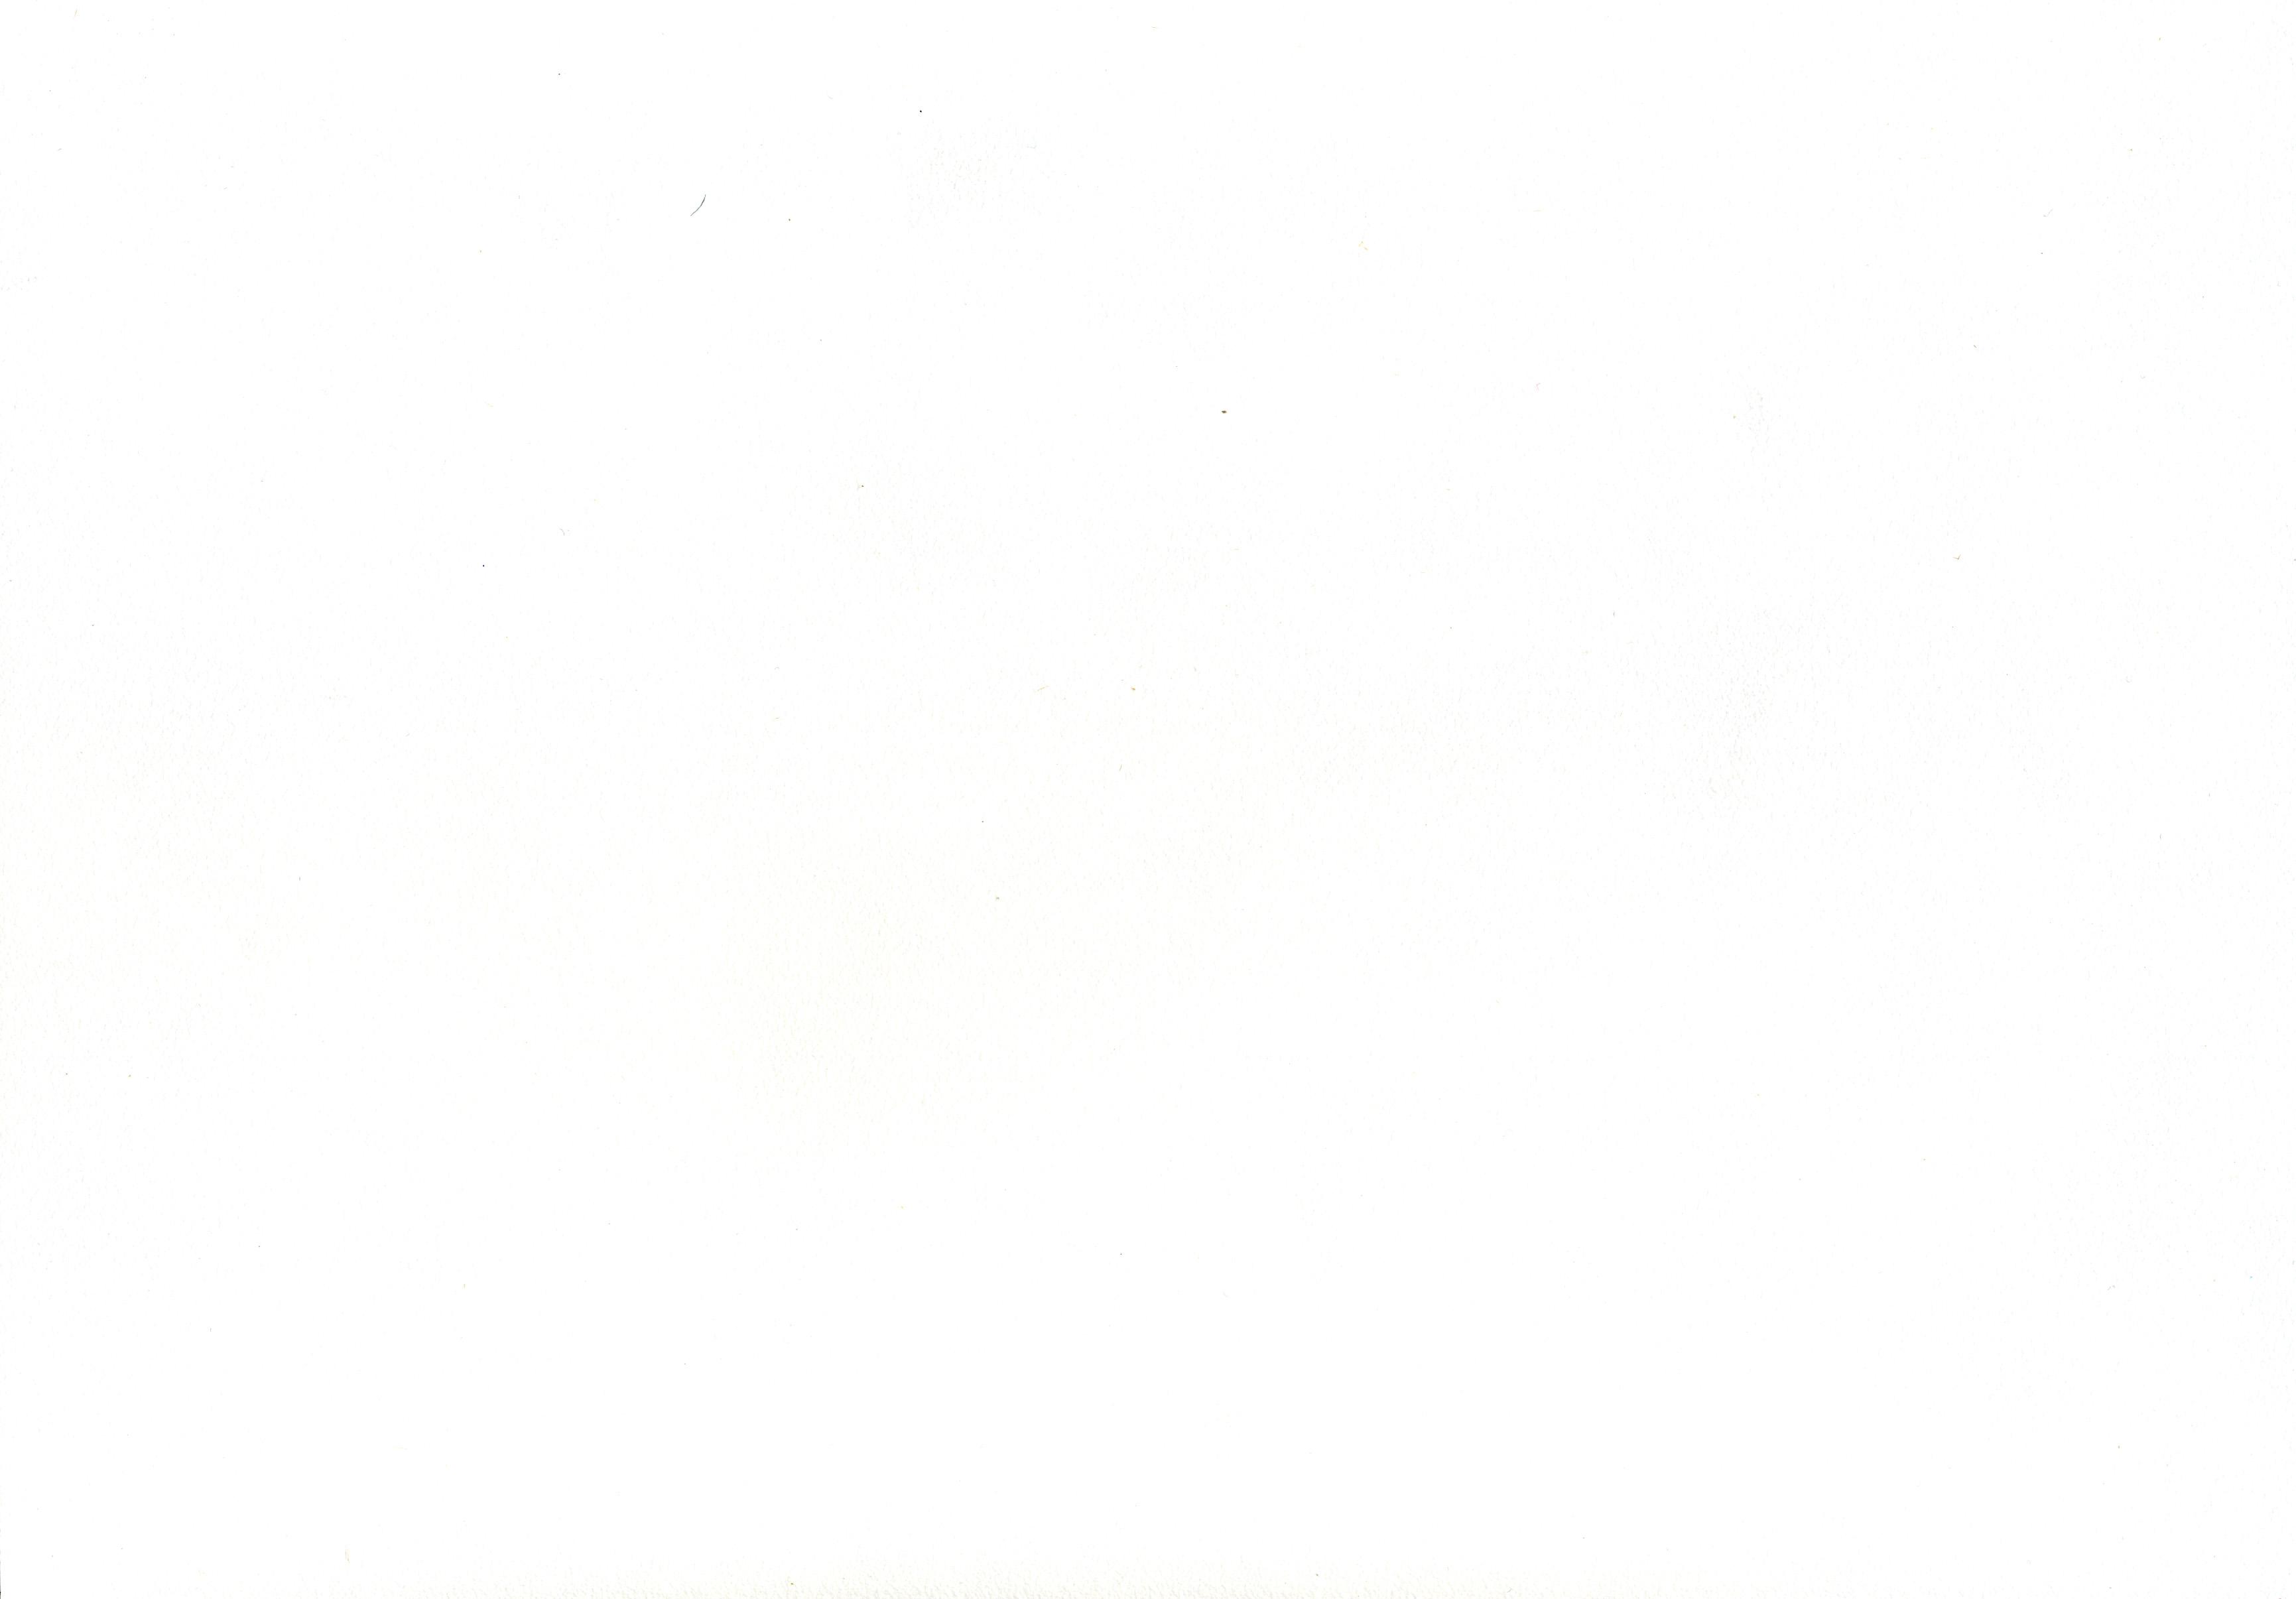 1110-S,6 1111-S White (1)